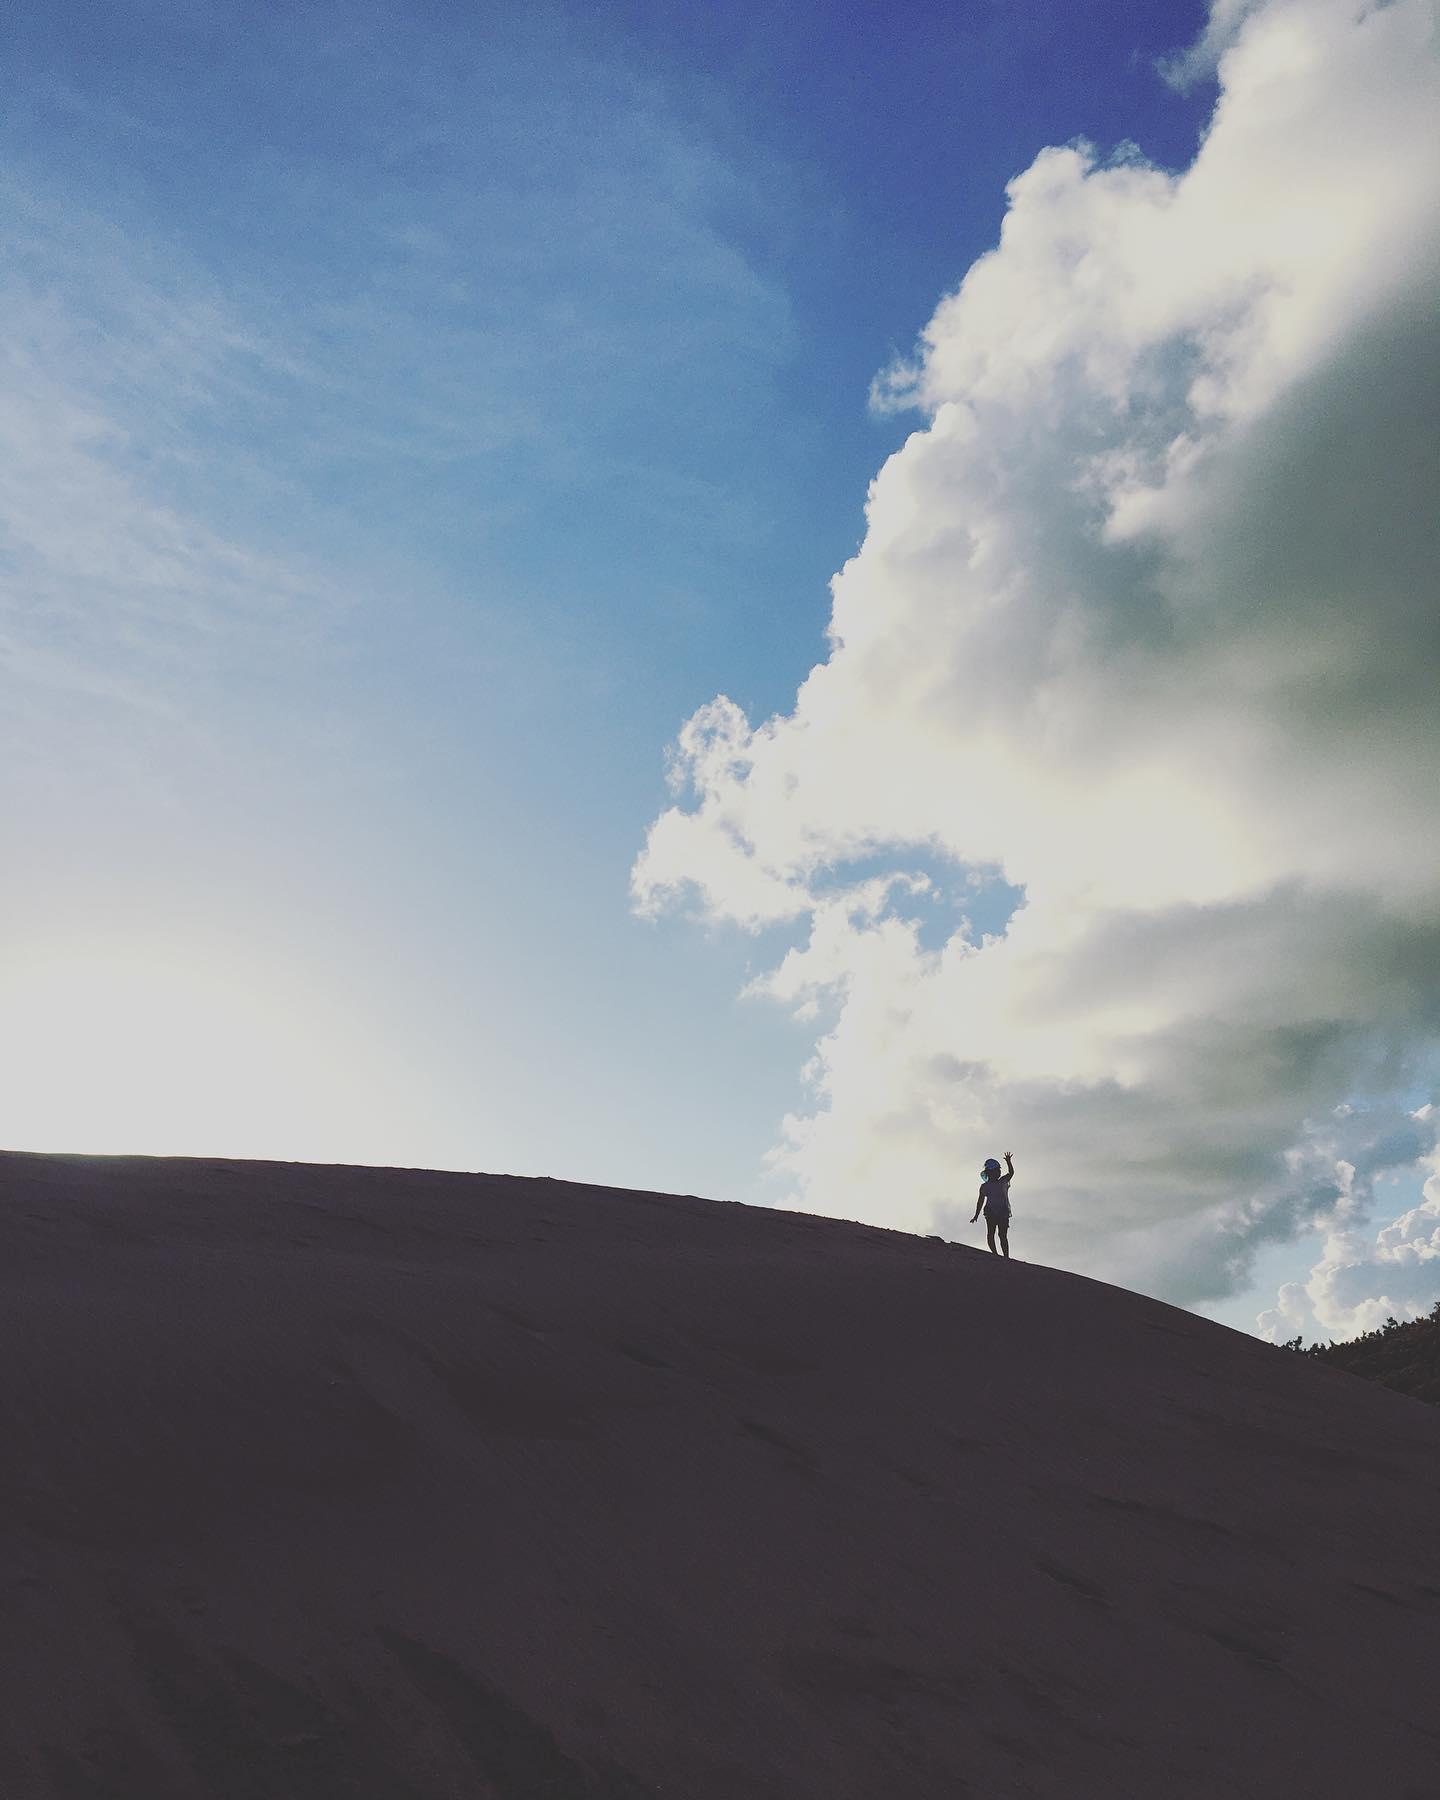 https://nagomi-hamaokasakyu.com/トップページから見れます。やっと、ホームページ完成wこれからも、素敵なご縁に恵まれますように#浜岡砂丘 #浜岡砂丘なごみ #御前崎市 #うみ #自然 #ハンバーガー #リセット